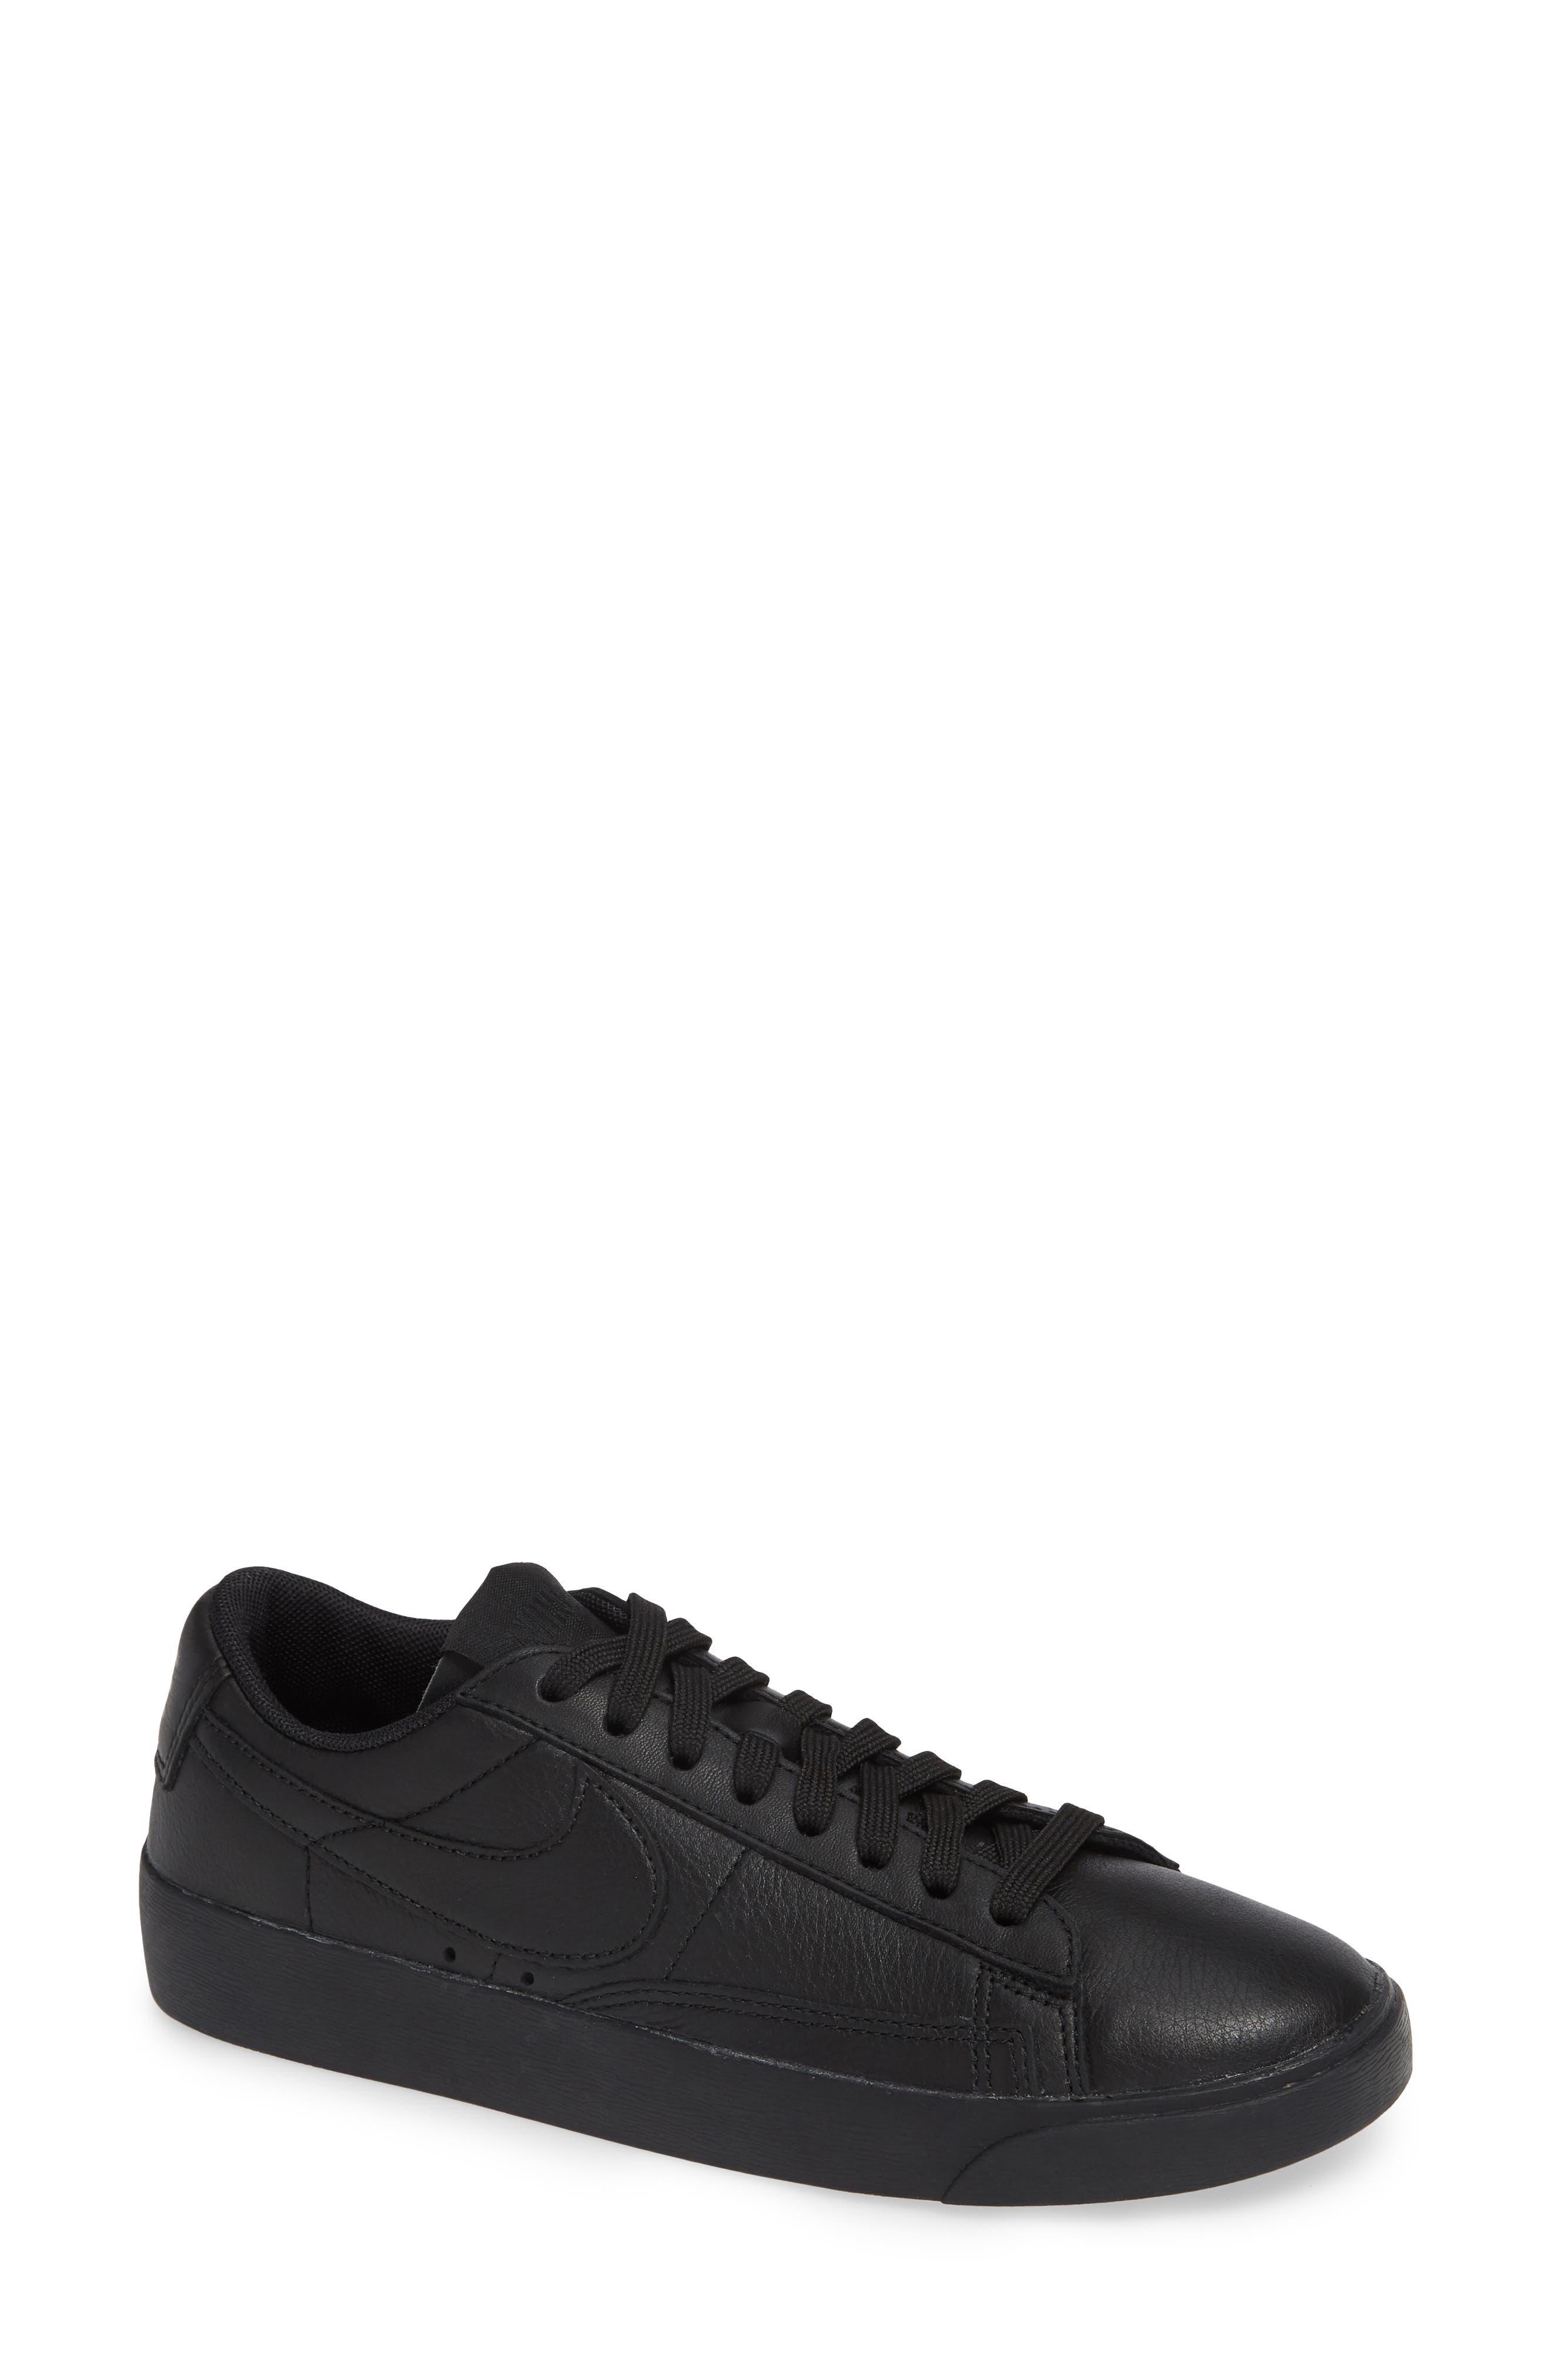 Blazer Low SE Sneaker,                         Main,                         color, BLACK/ BLACK-BLACK